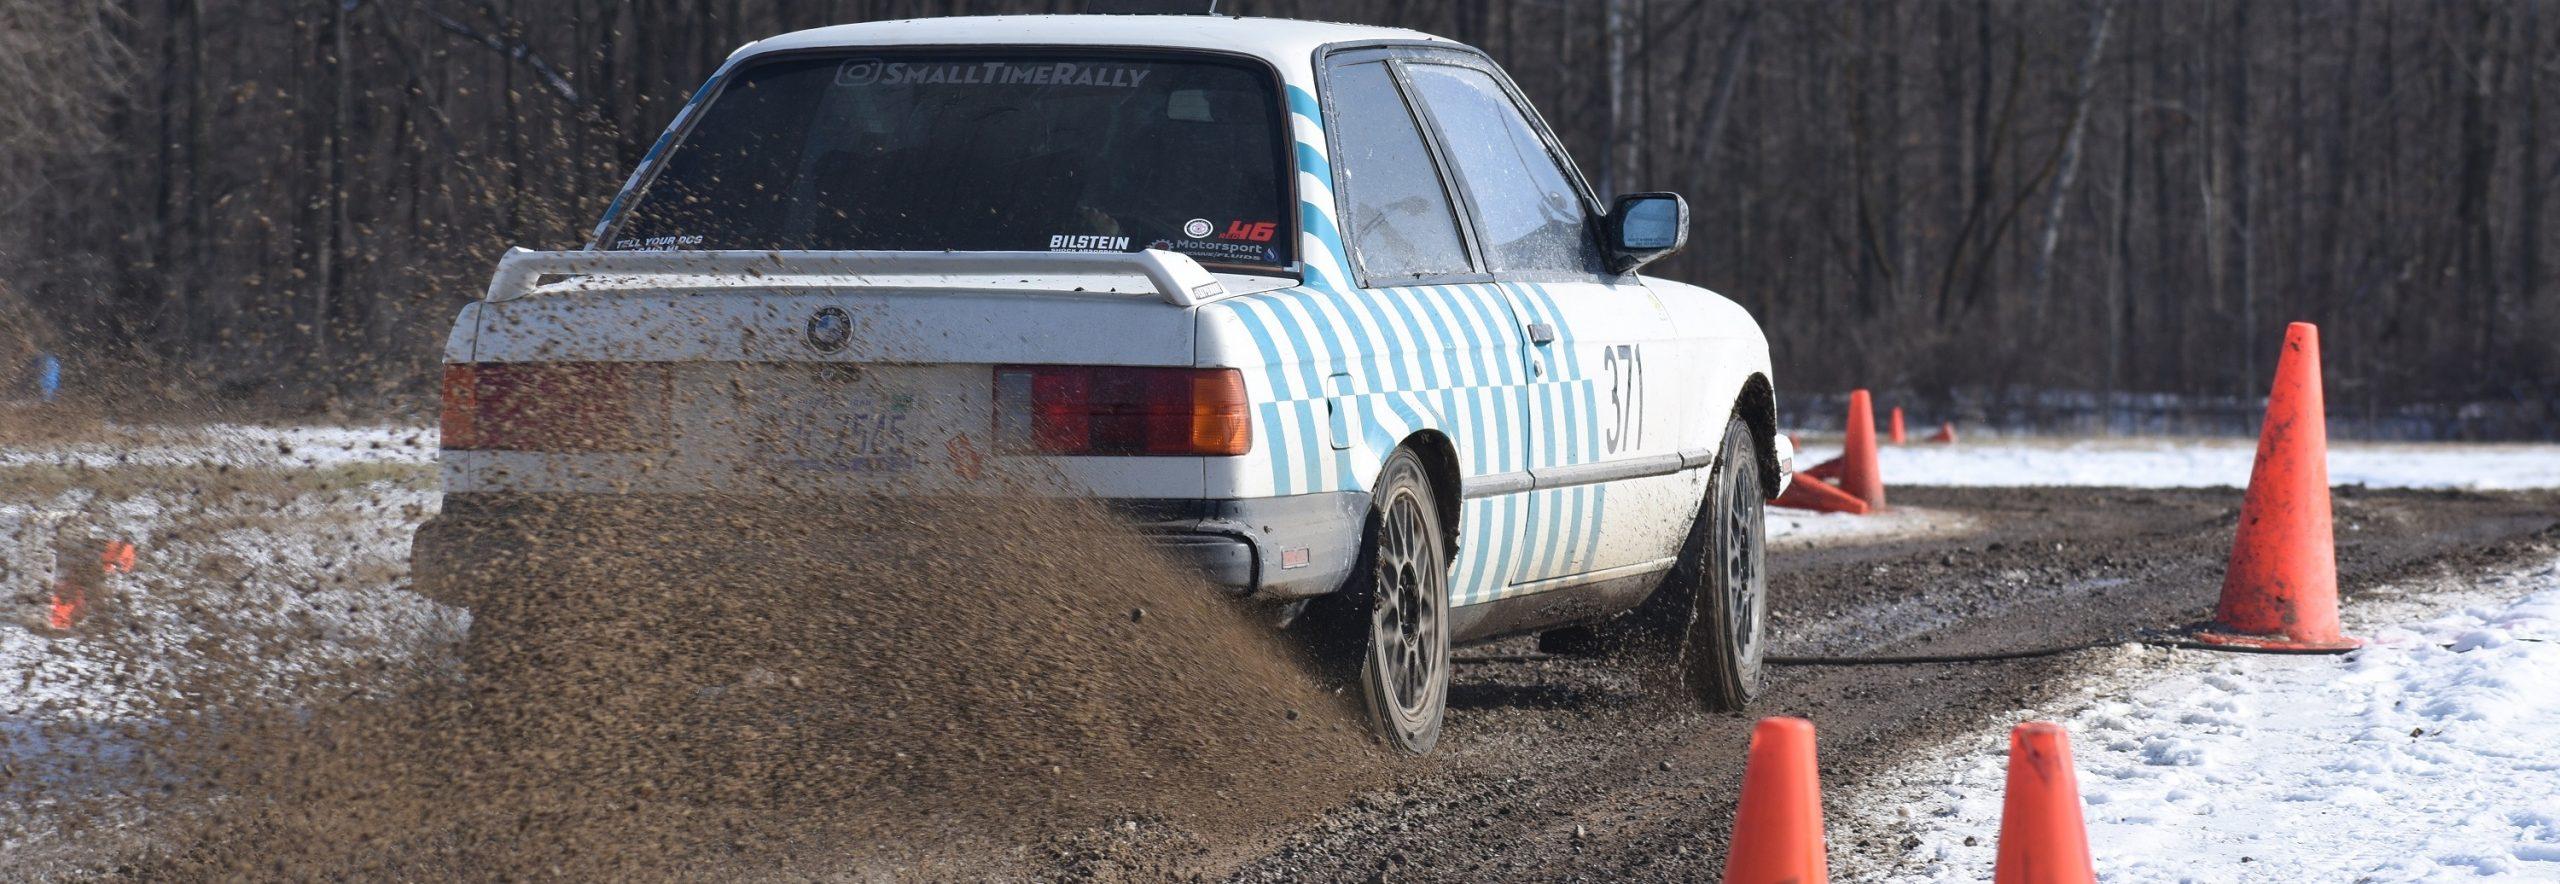 Season Opener RallyCross Canceled